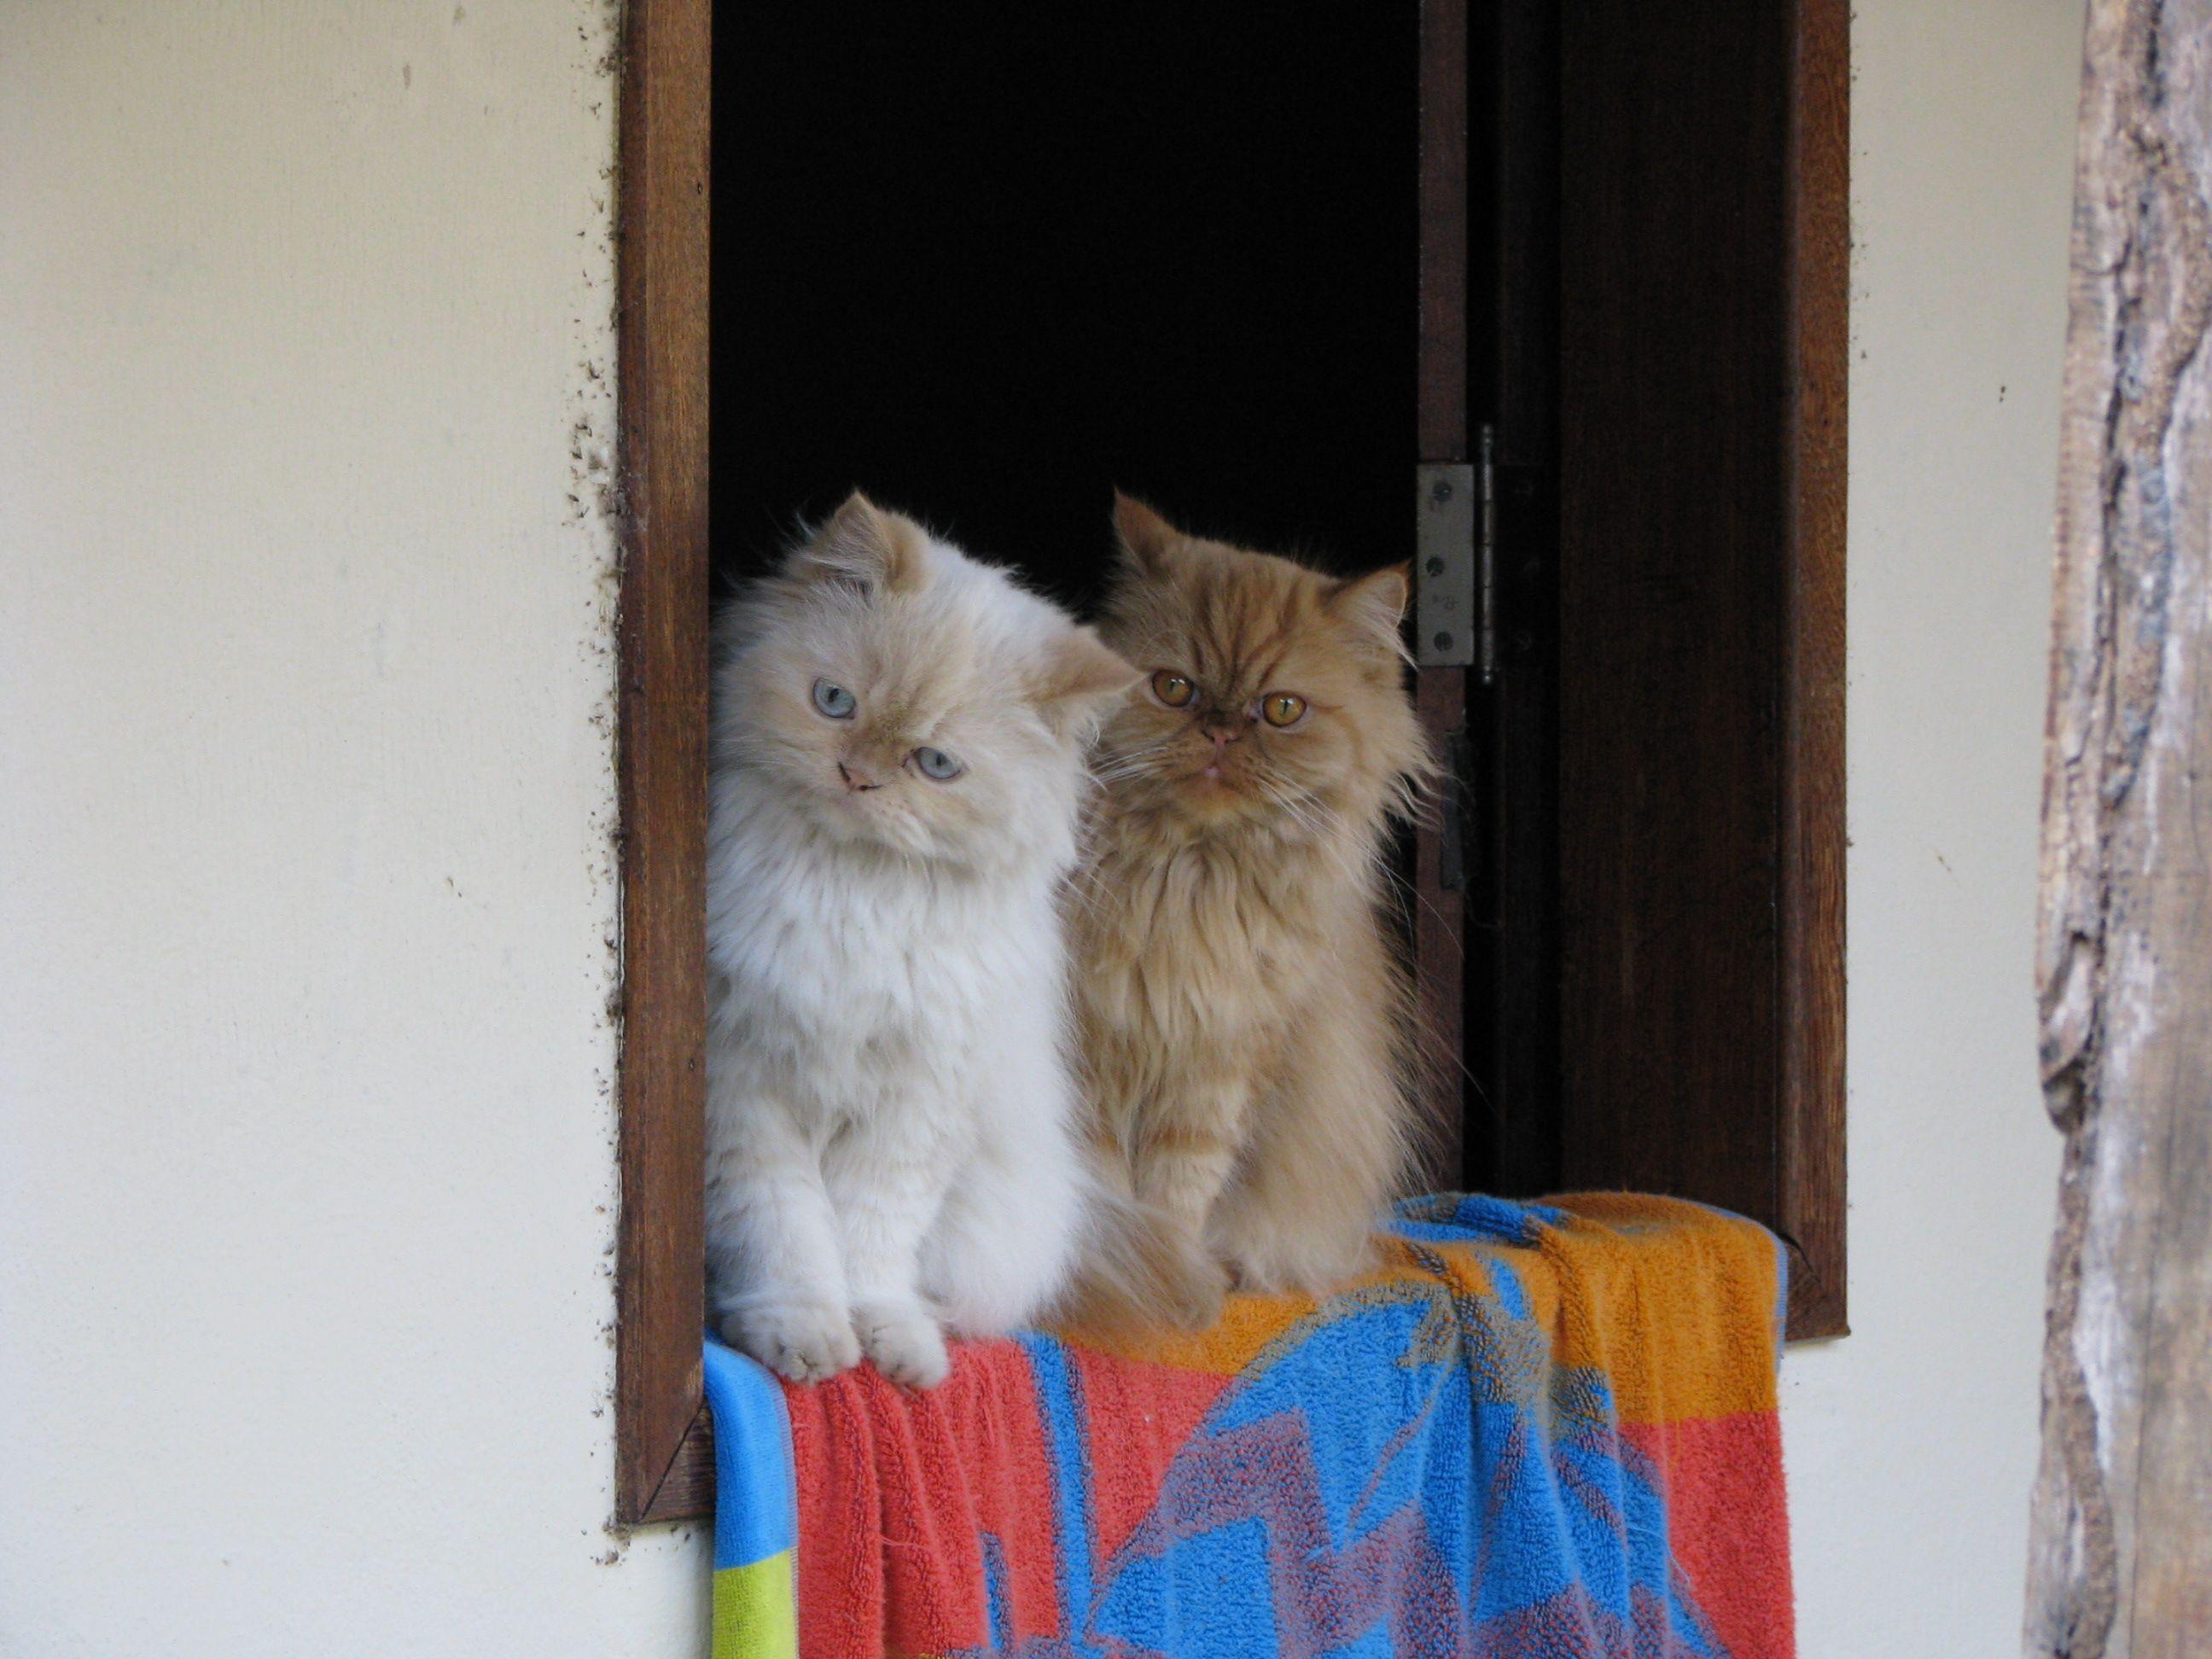 No sítio Cute animals, Here kitty kitty, Fuzzy wuzzy